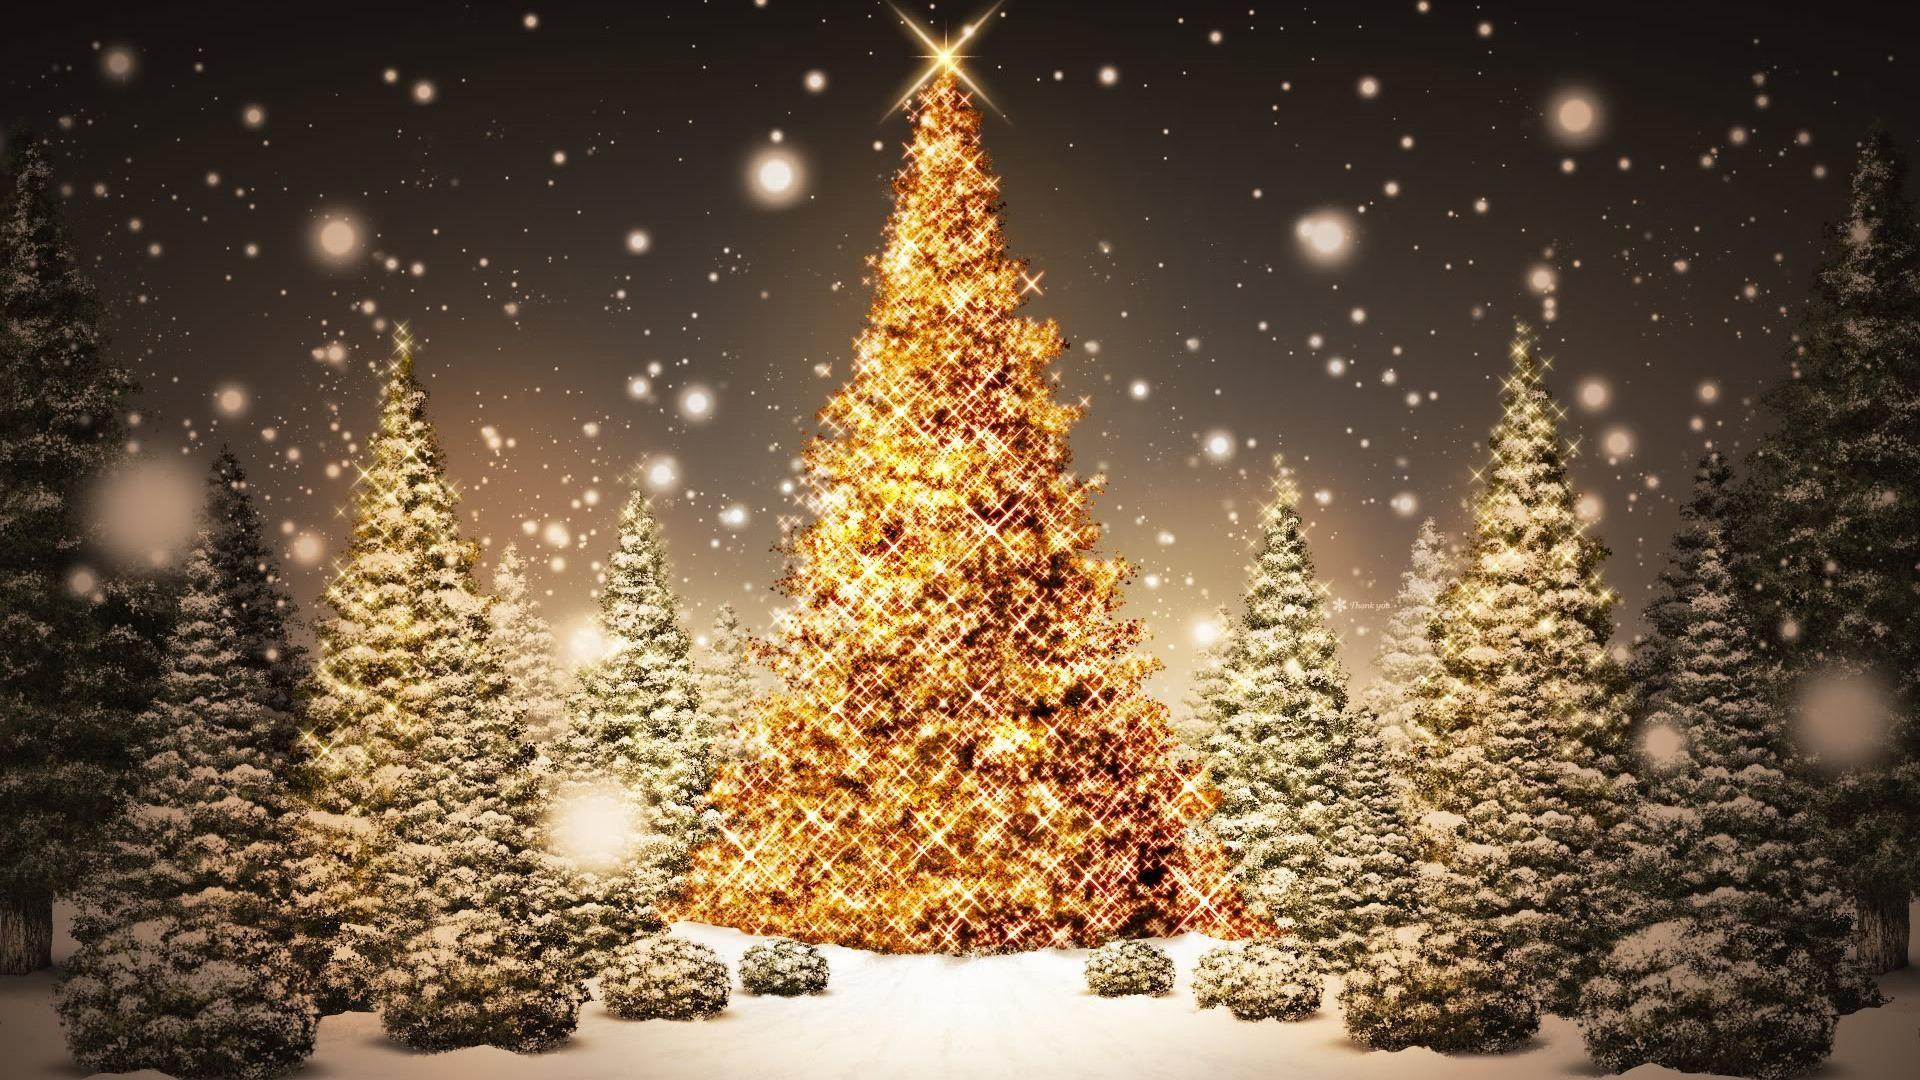 Noel s jour de noel n el pinterest laponie suedoise laponie et su dois - Images creches de noel gratuites ...